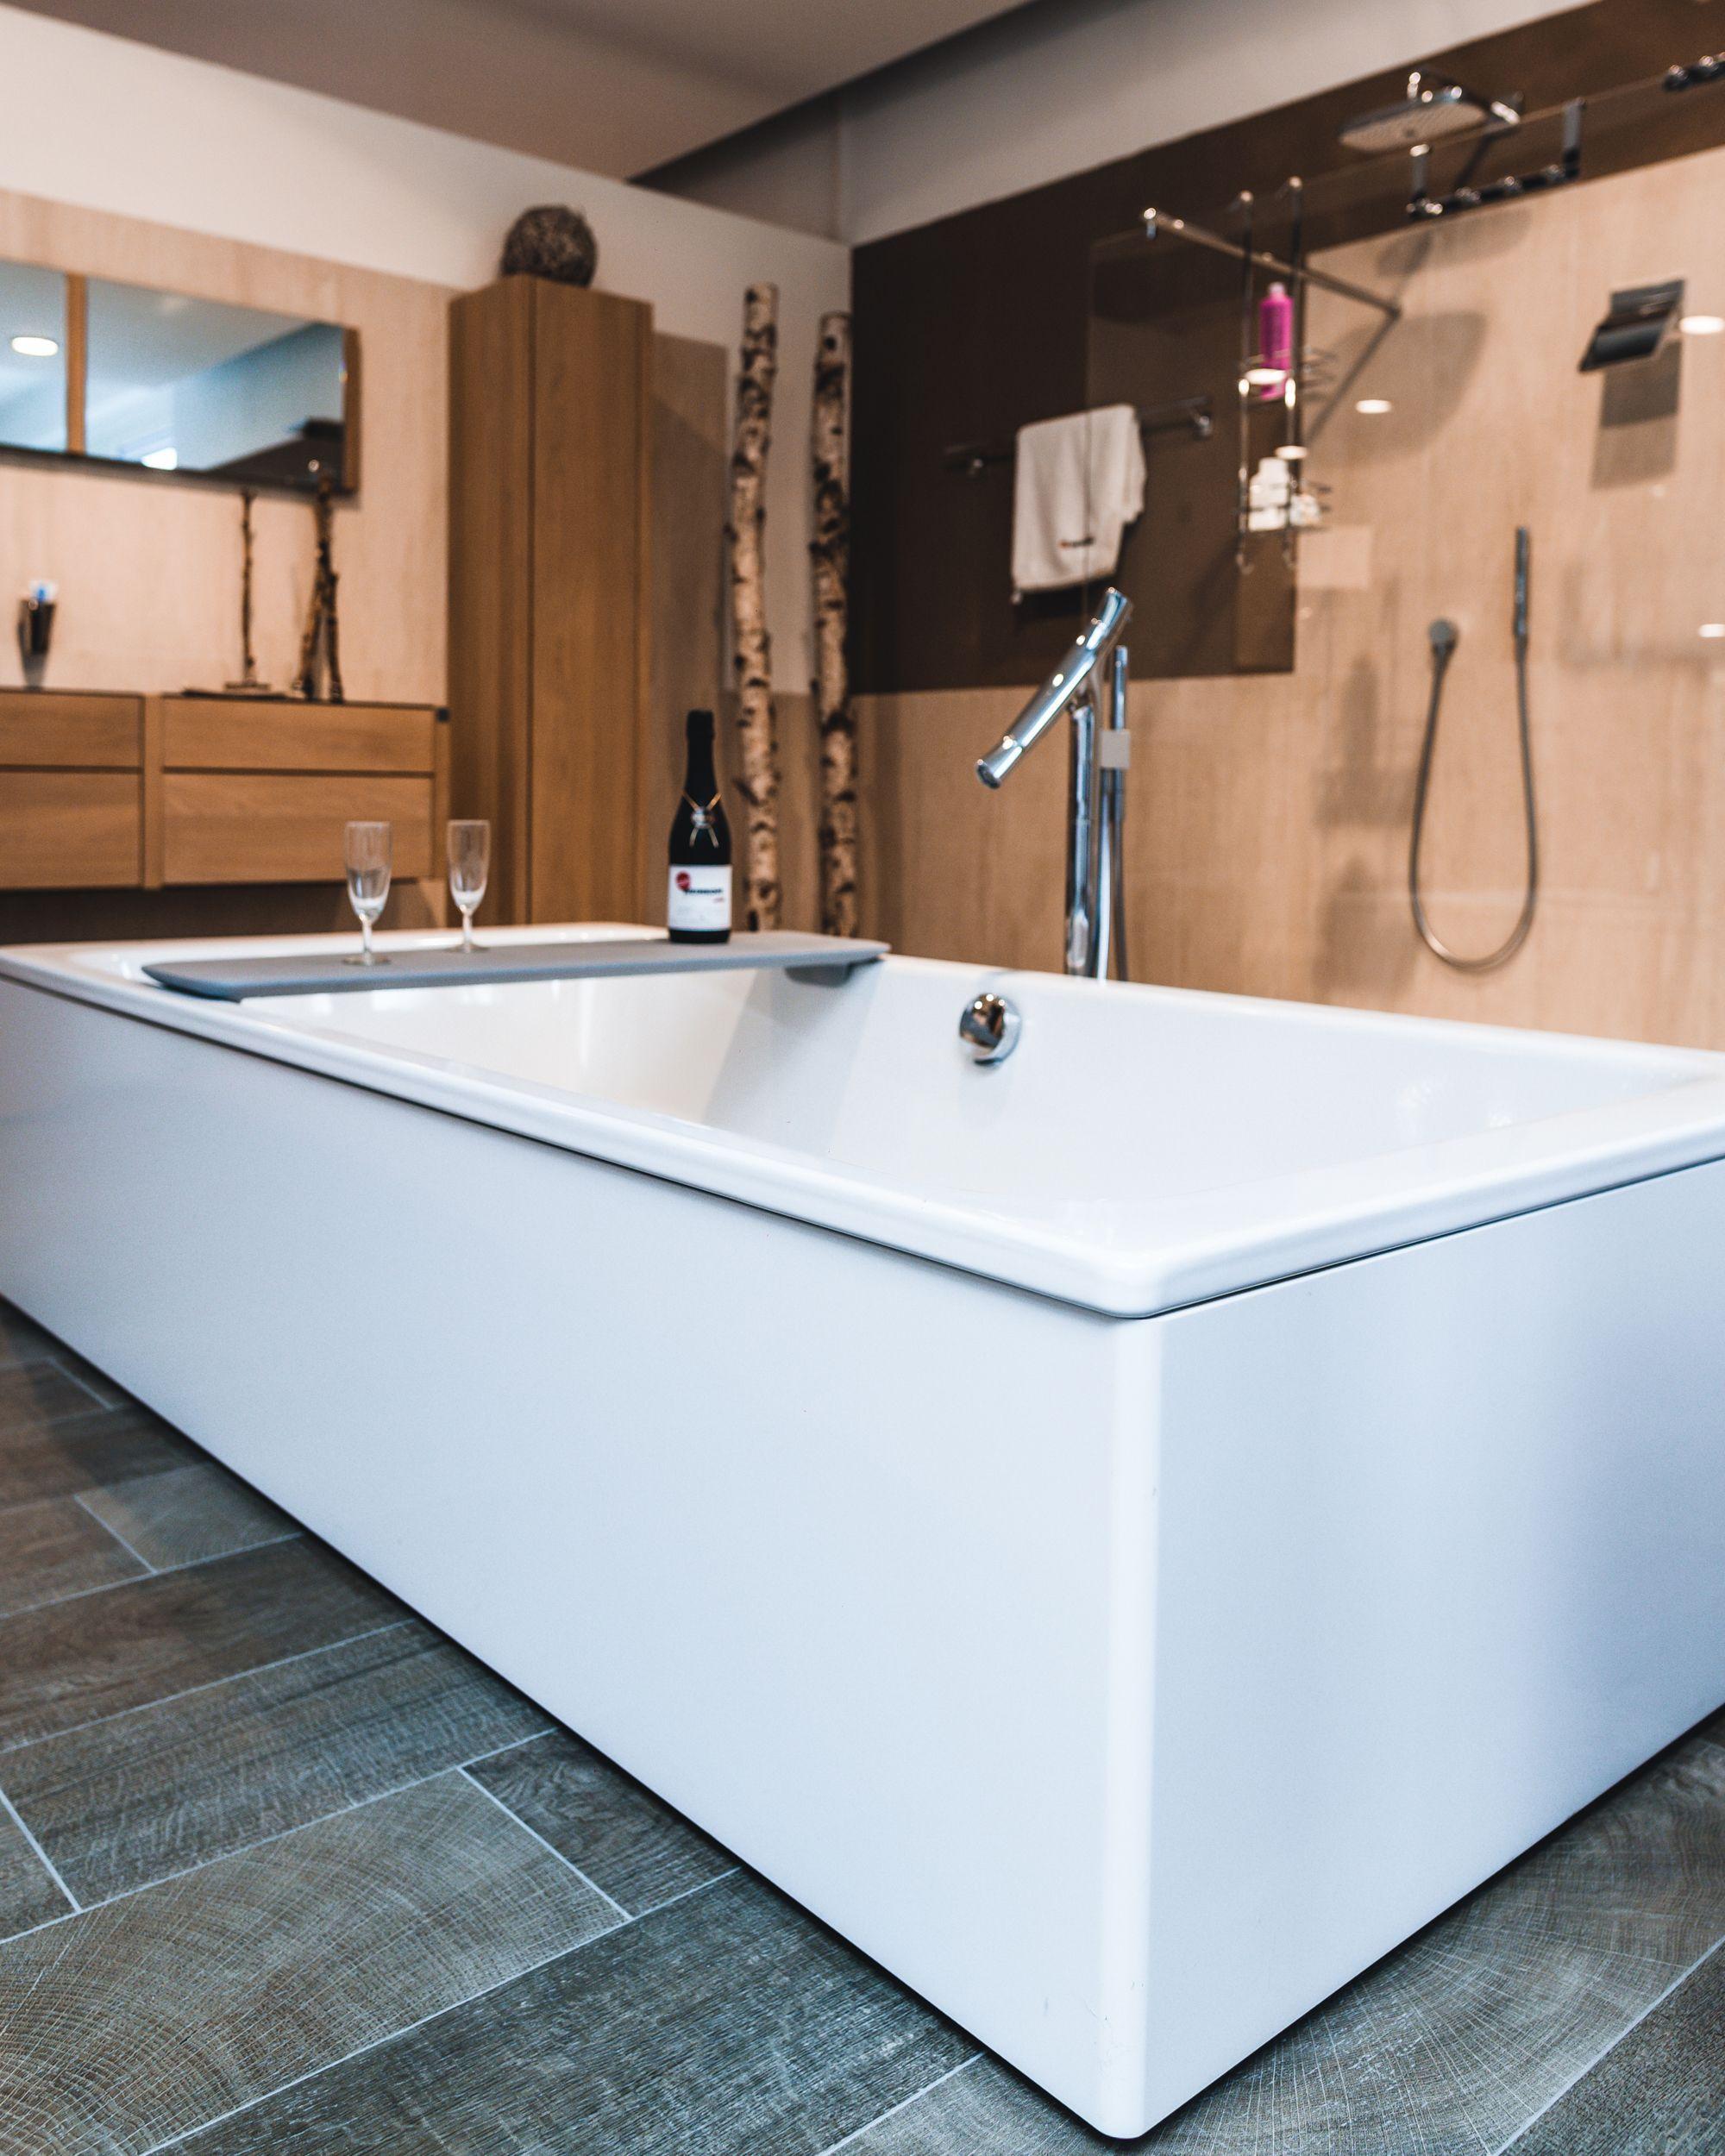 Du Mochtest Dein Bad Renovieren Oder Planst Einen Neubau Wir Bieten Dir Eine Ganzheitliche Planung Inkl Fliese Bad Renovieren Bad Einrichten Neues Badezimmer